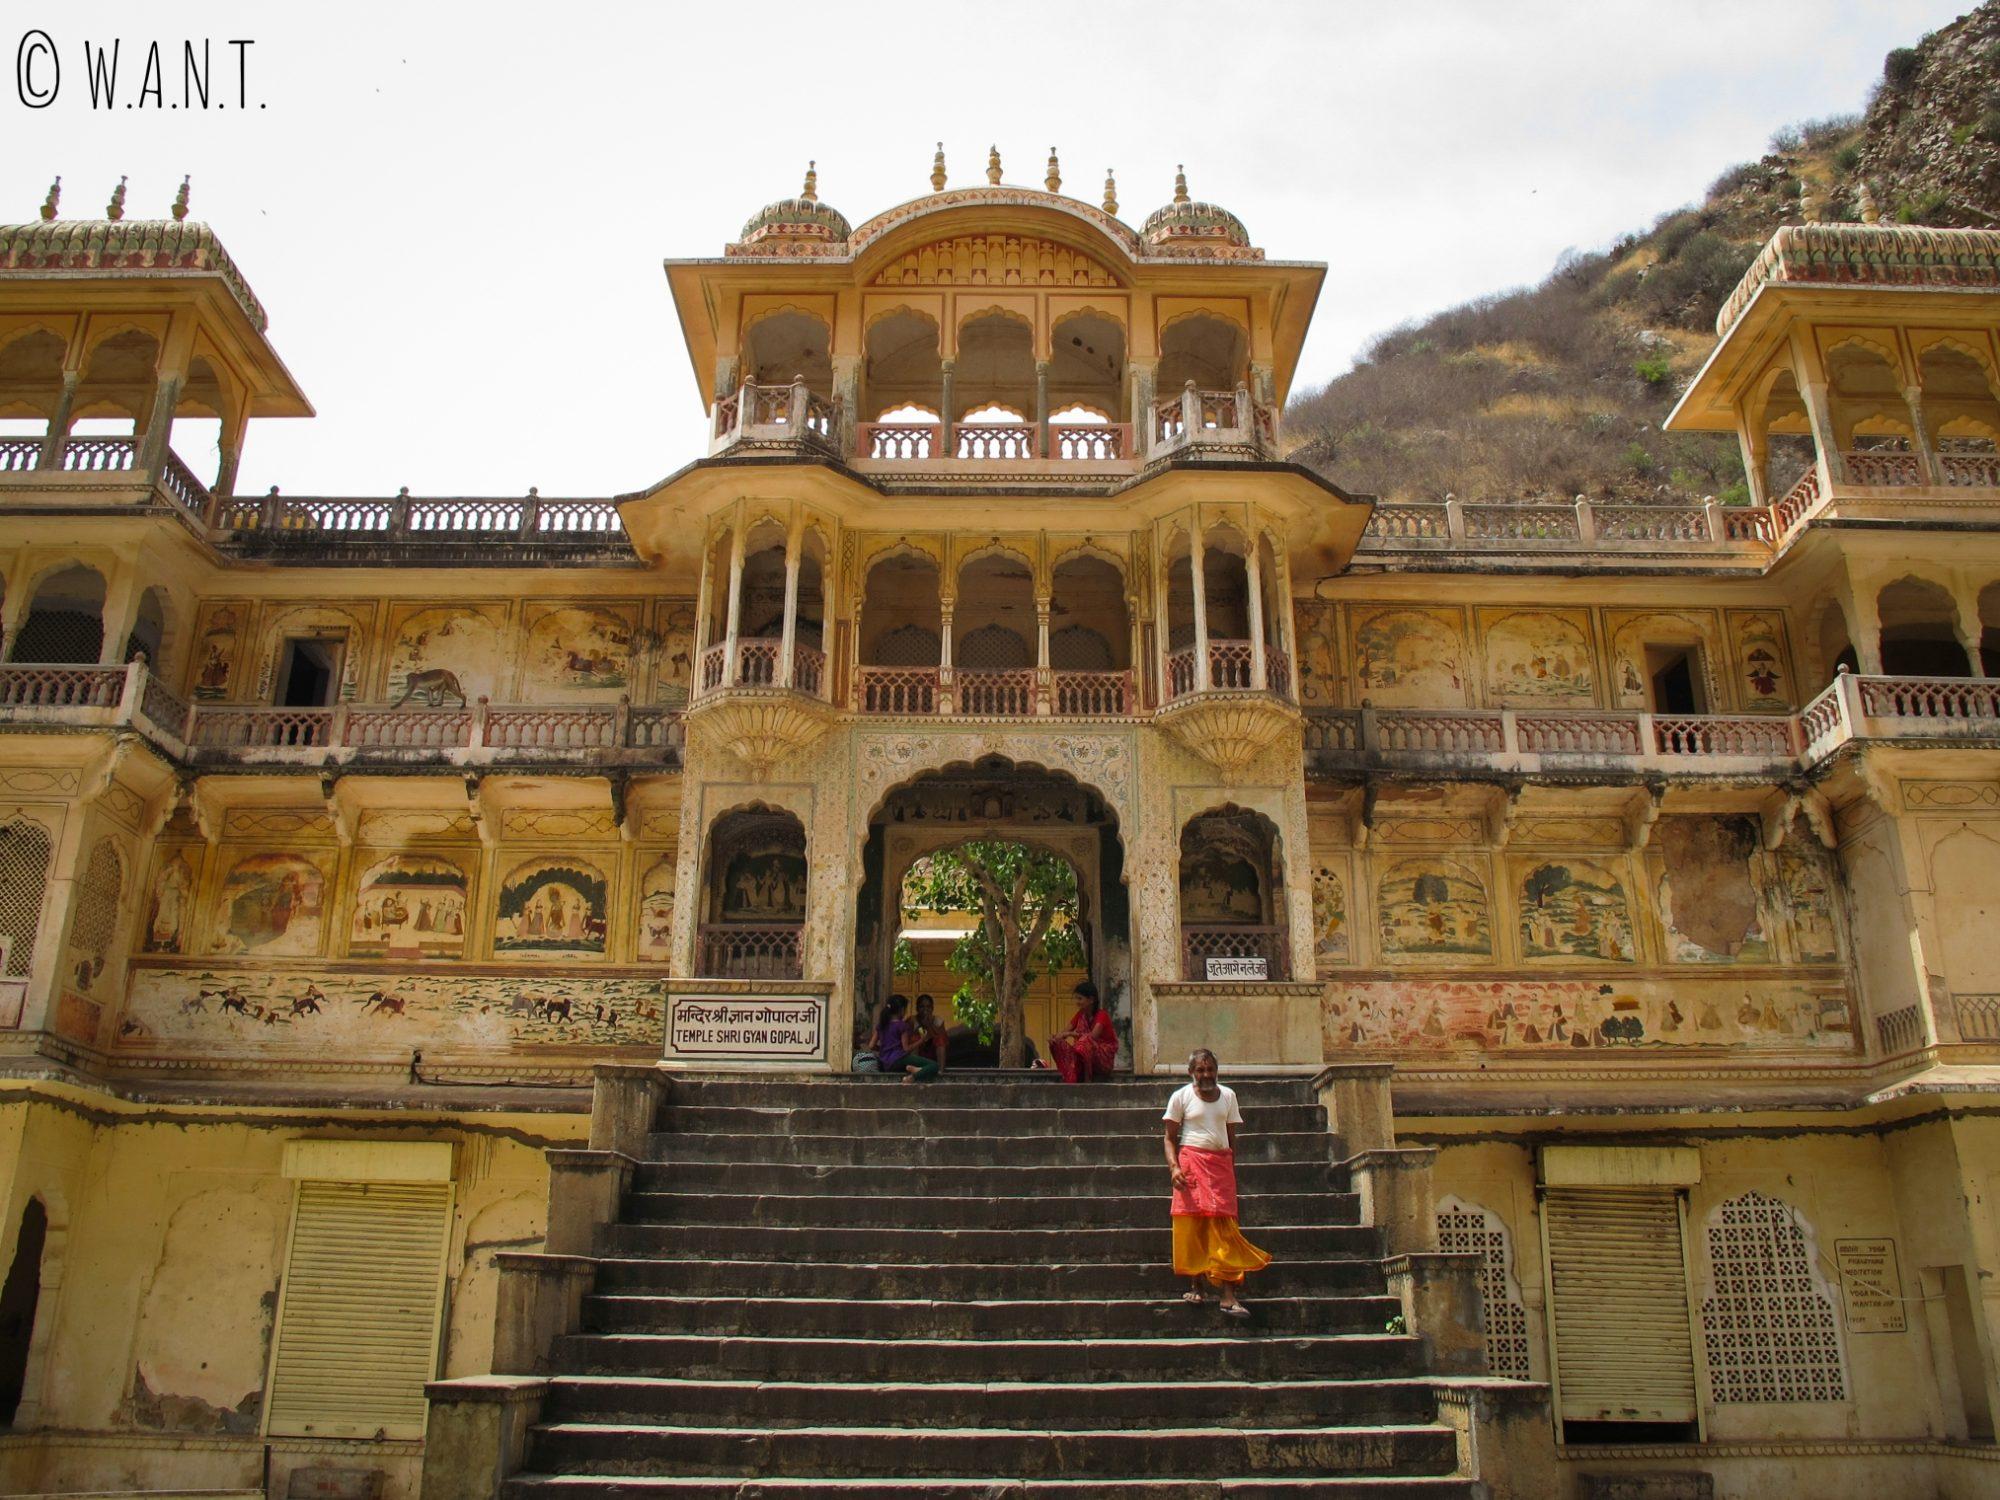 En se déchaussant et en gravissant ces quelques marches, il est possible d'entrer dans ce temple du Monkey temple